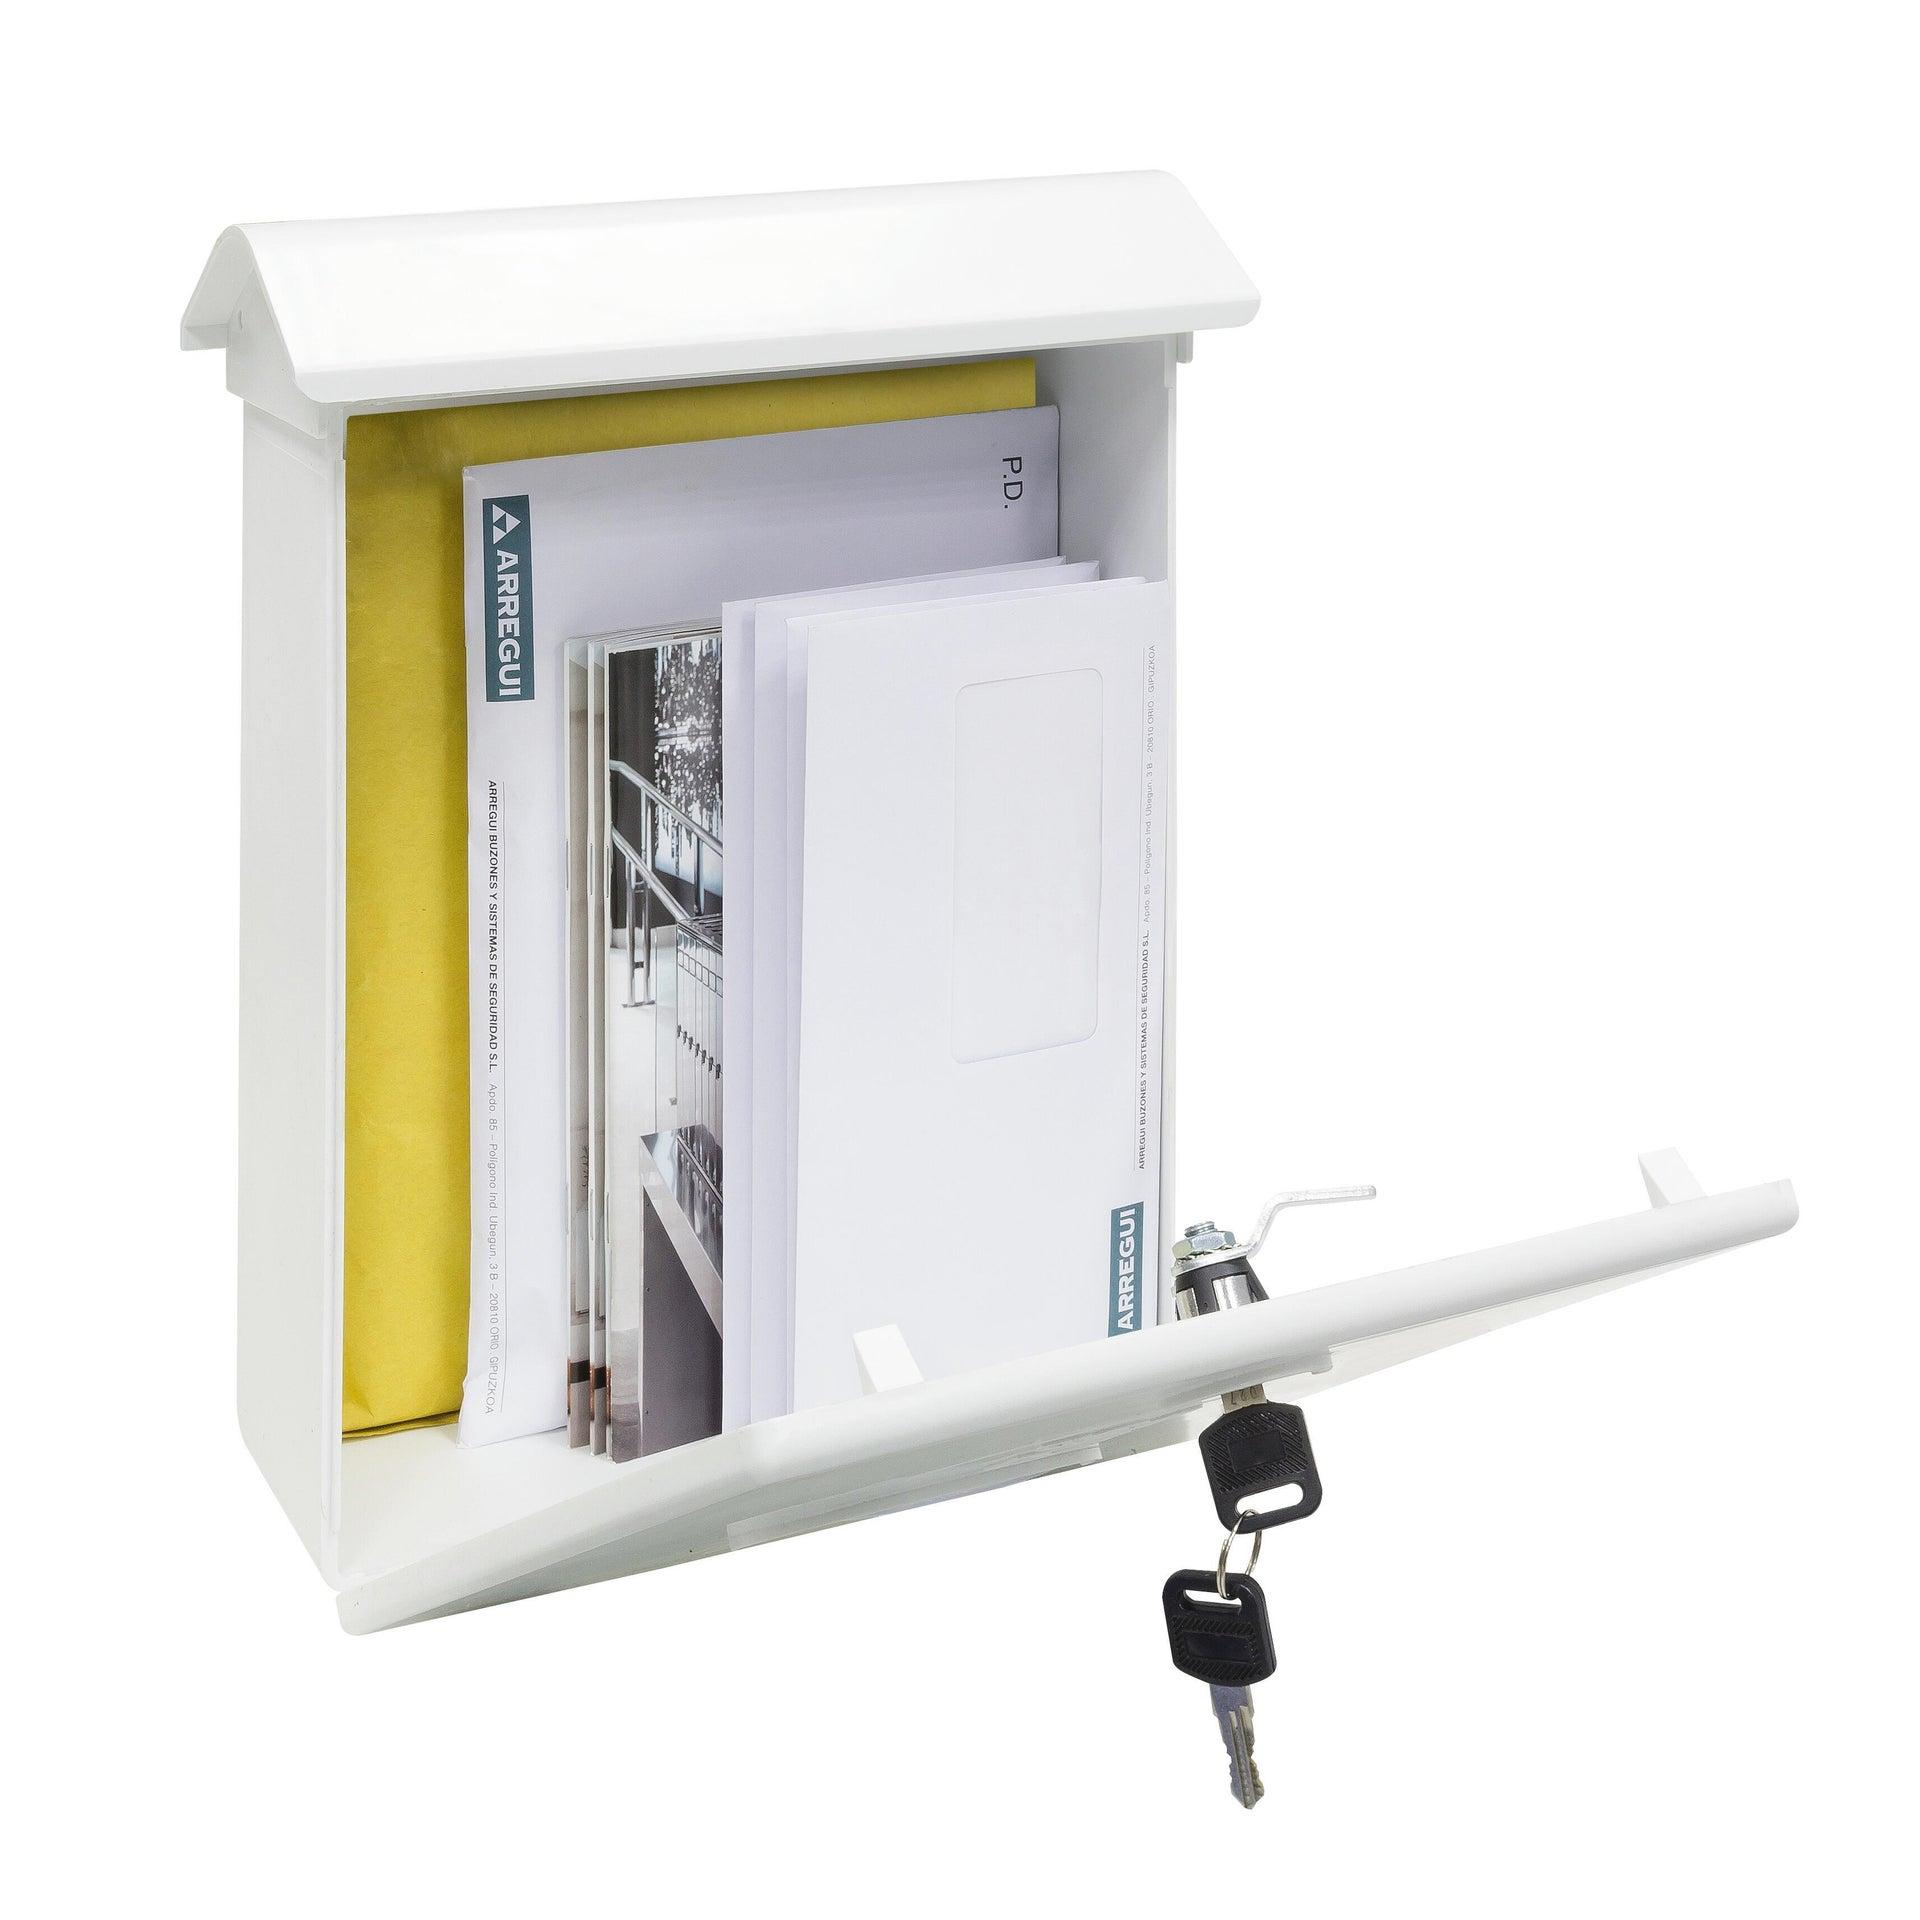 Cassetta postale ARREGUI formato Rivista, nero, L 27 x P 11 x H 34.6 cm - 2